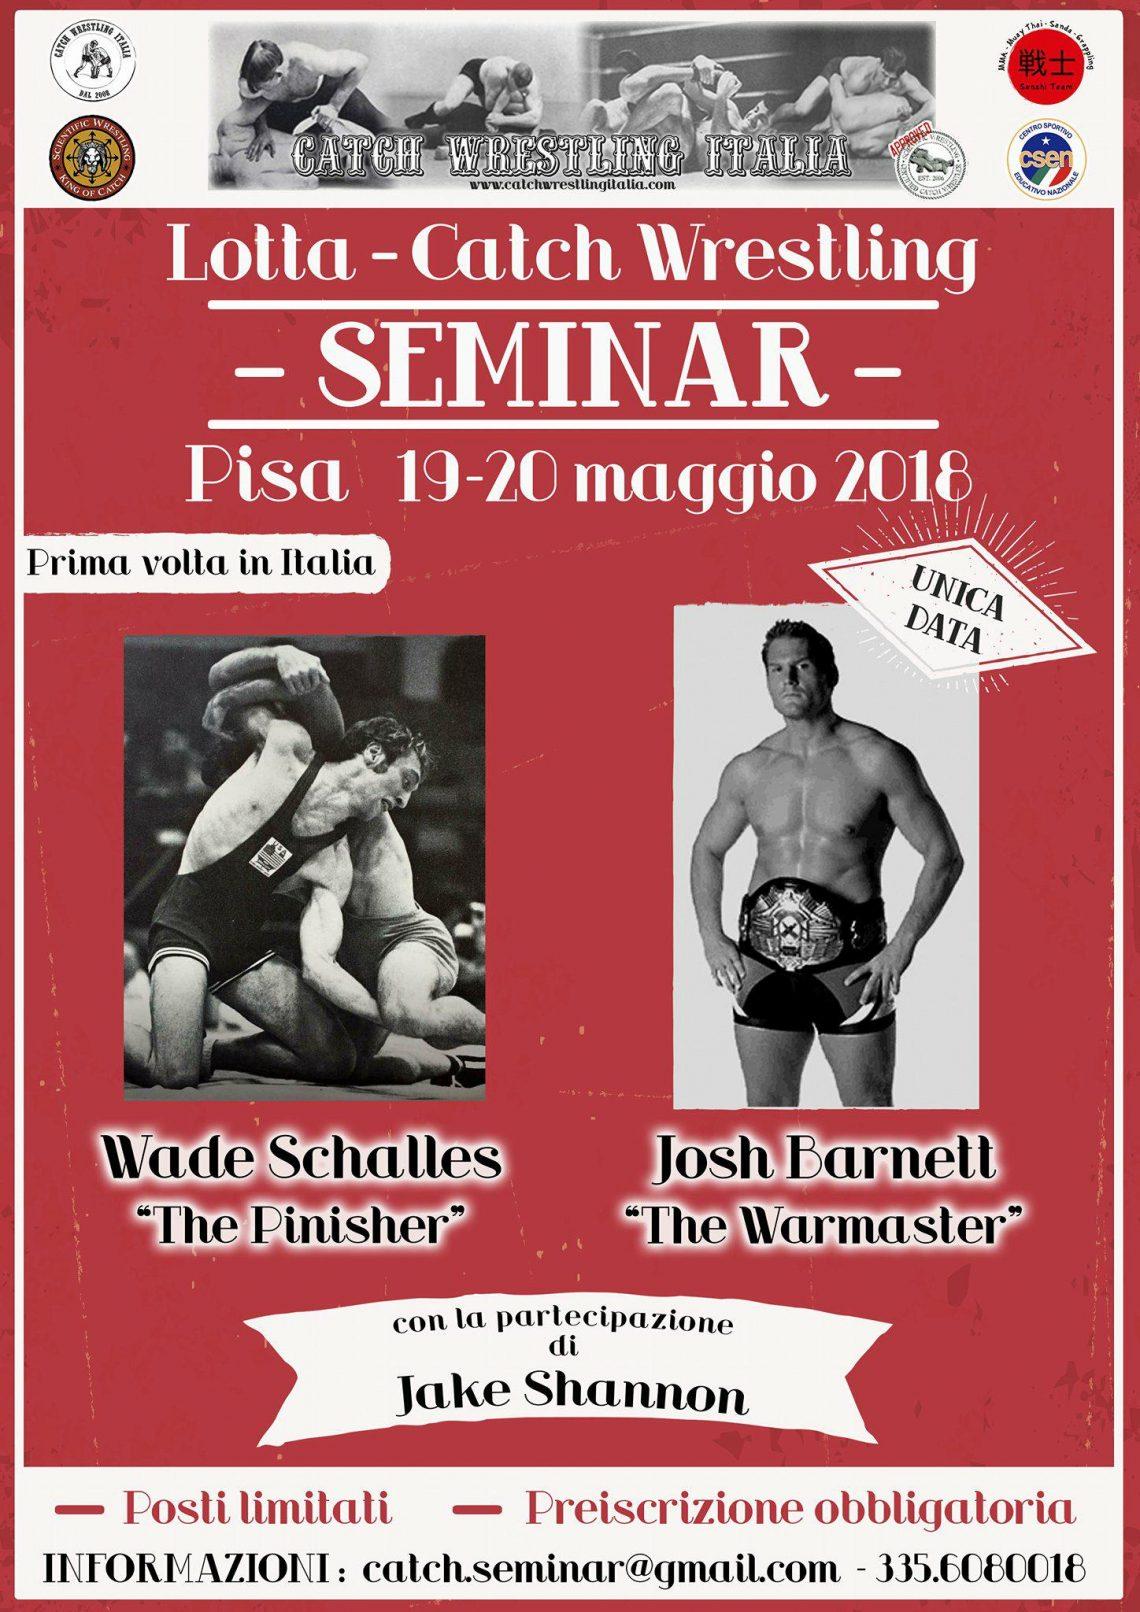 Seminario di Catch Wrestling con Josh Barnett, Wade Schalles & Mike Raho a Pisa 1